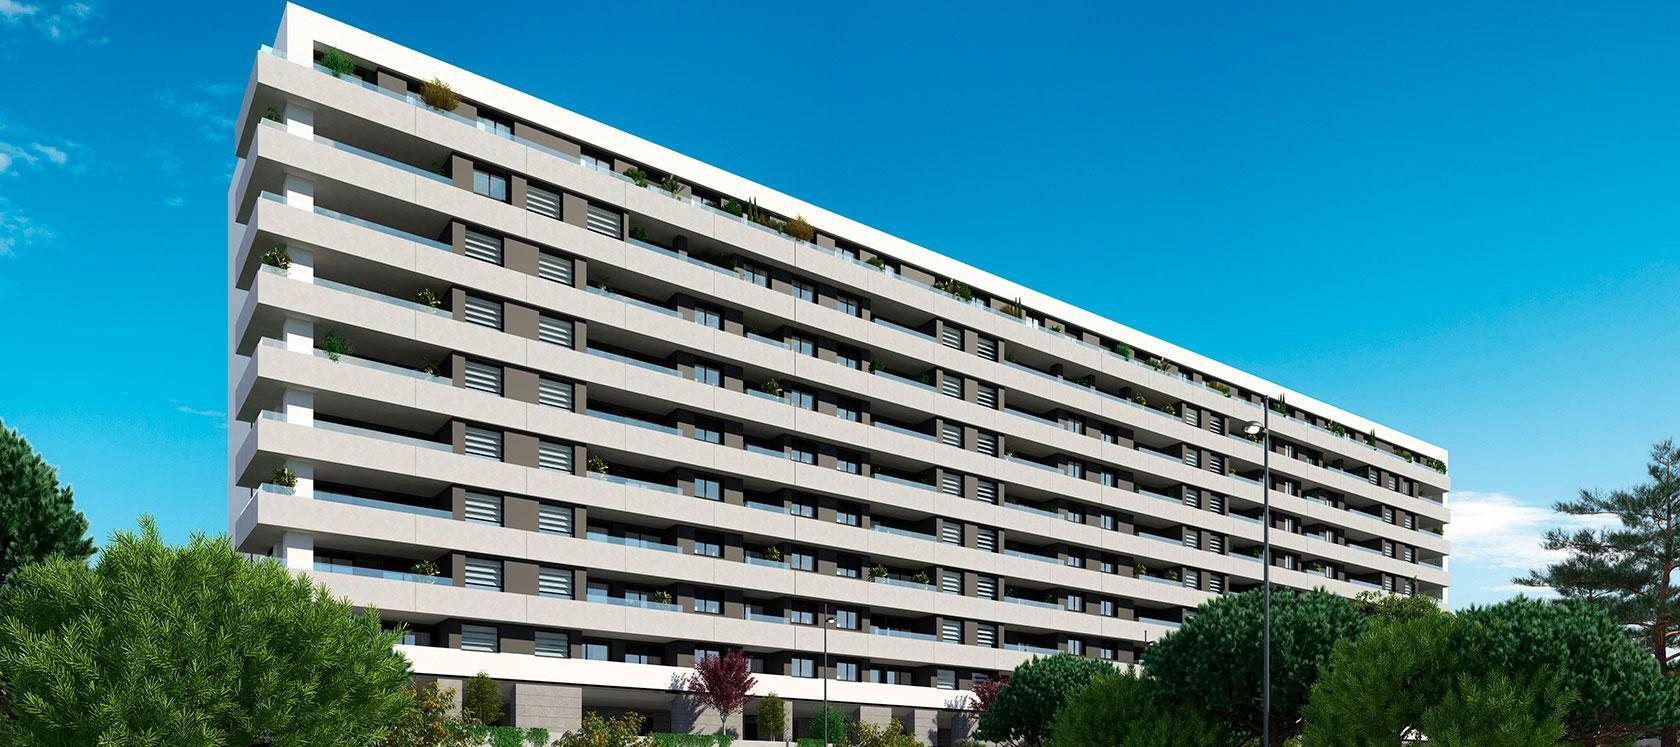 Novas construções em Lisboa | Célere Miraflores Fachada